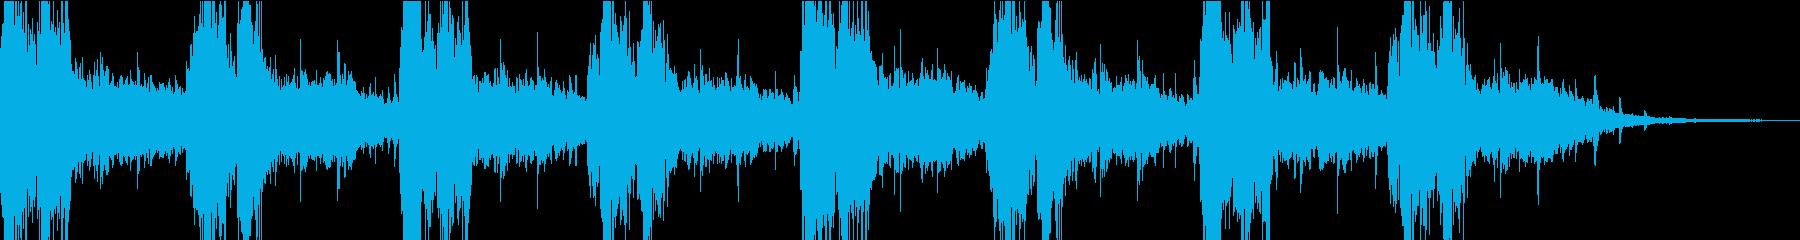 緊迫した雰囲気のBGMの再生済みの波形